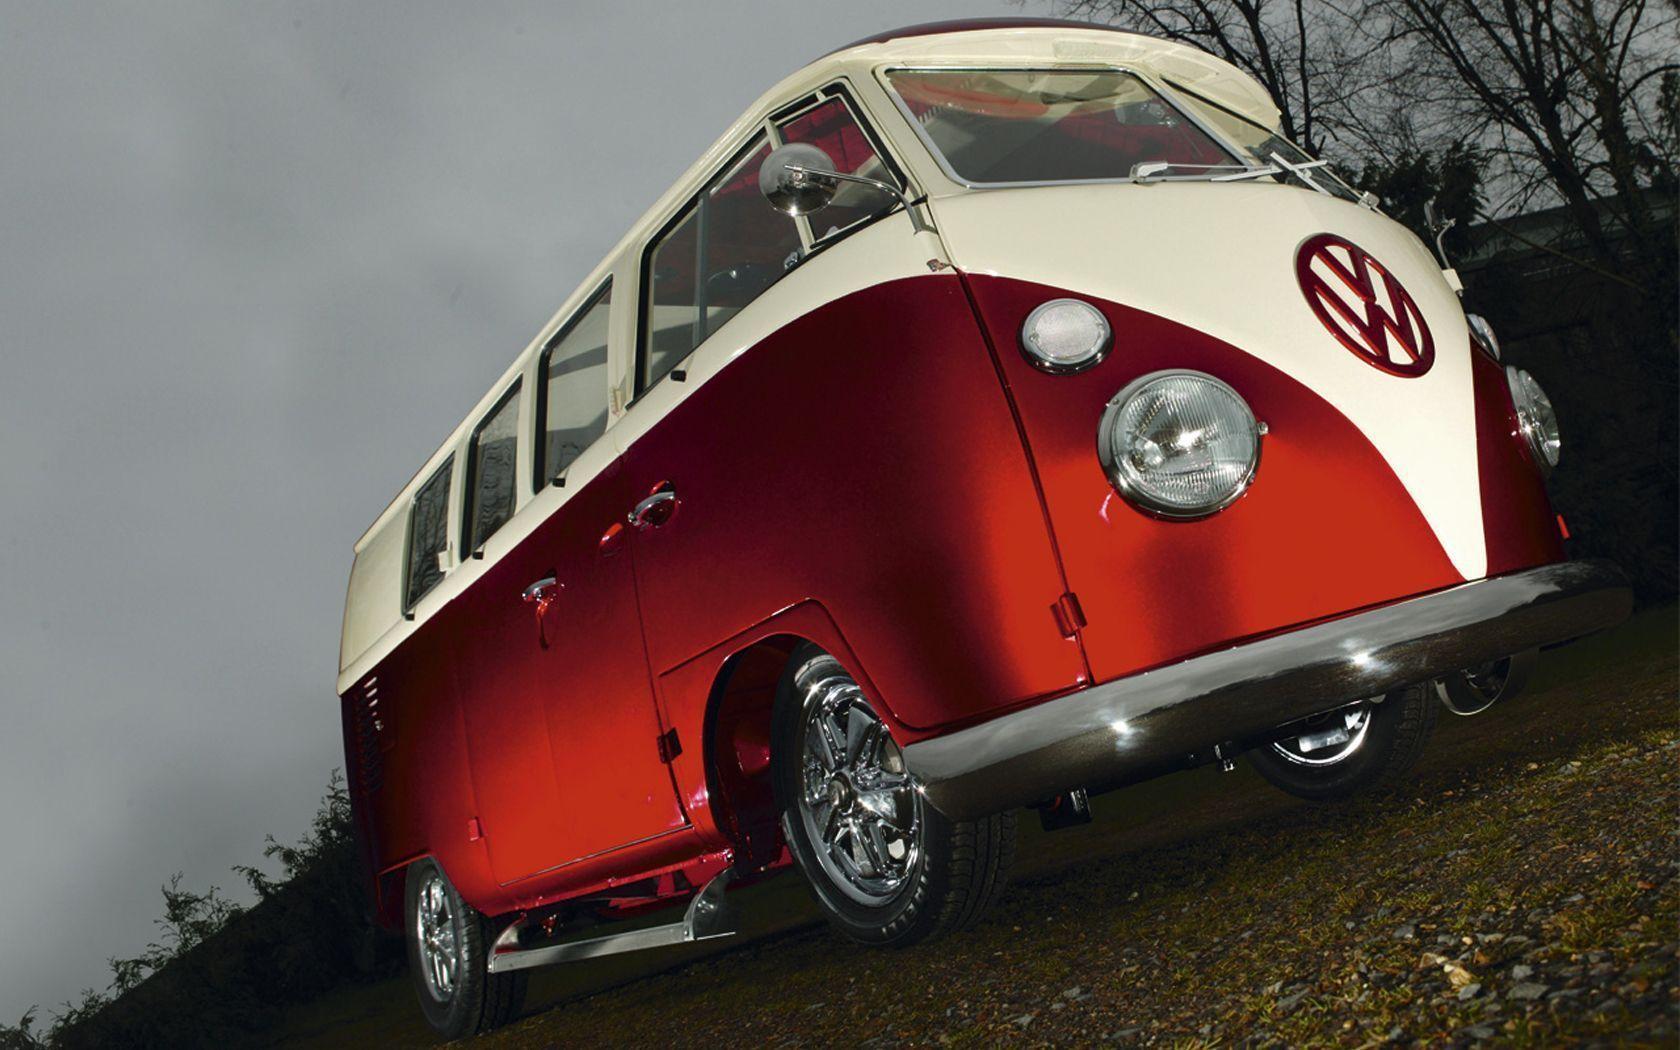 volkswagen buses wallpaper screensavers - photo #8